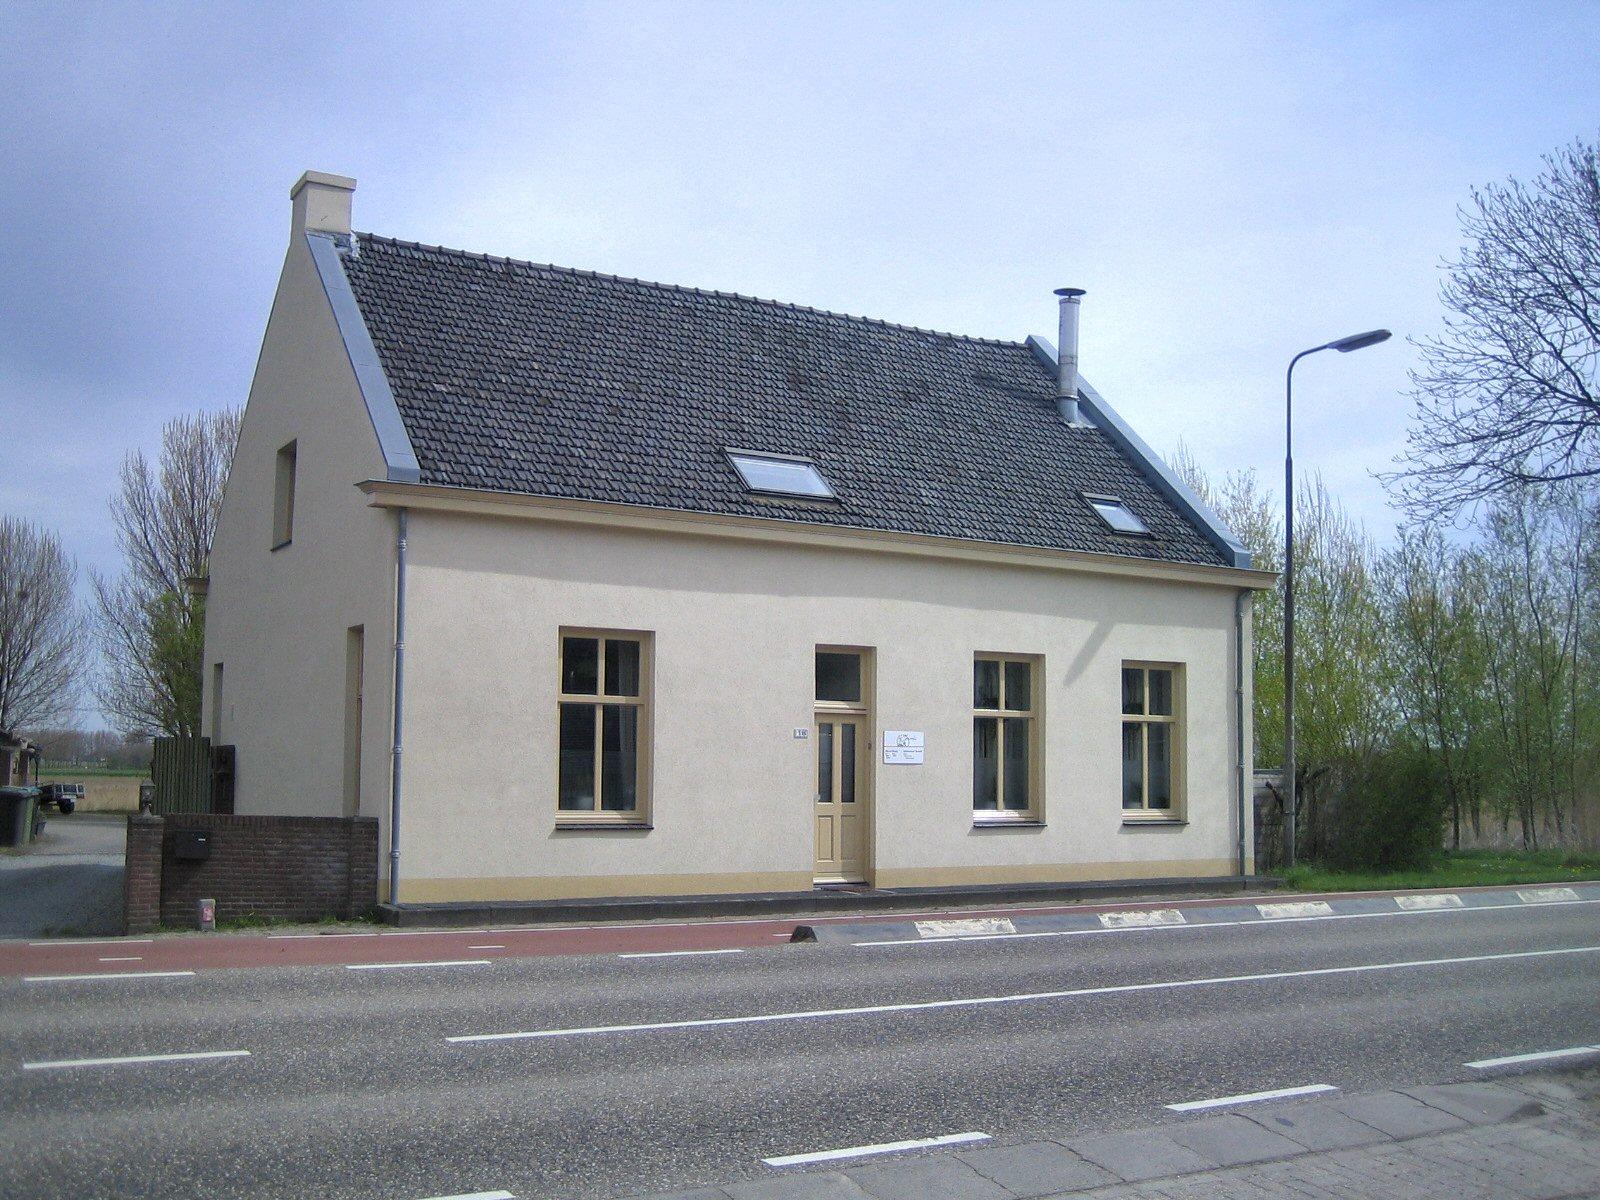 Alle plaatsen op de fiets nl - Witte salontafel thuisbasis van de wereldberoemde ...